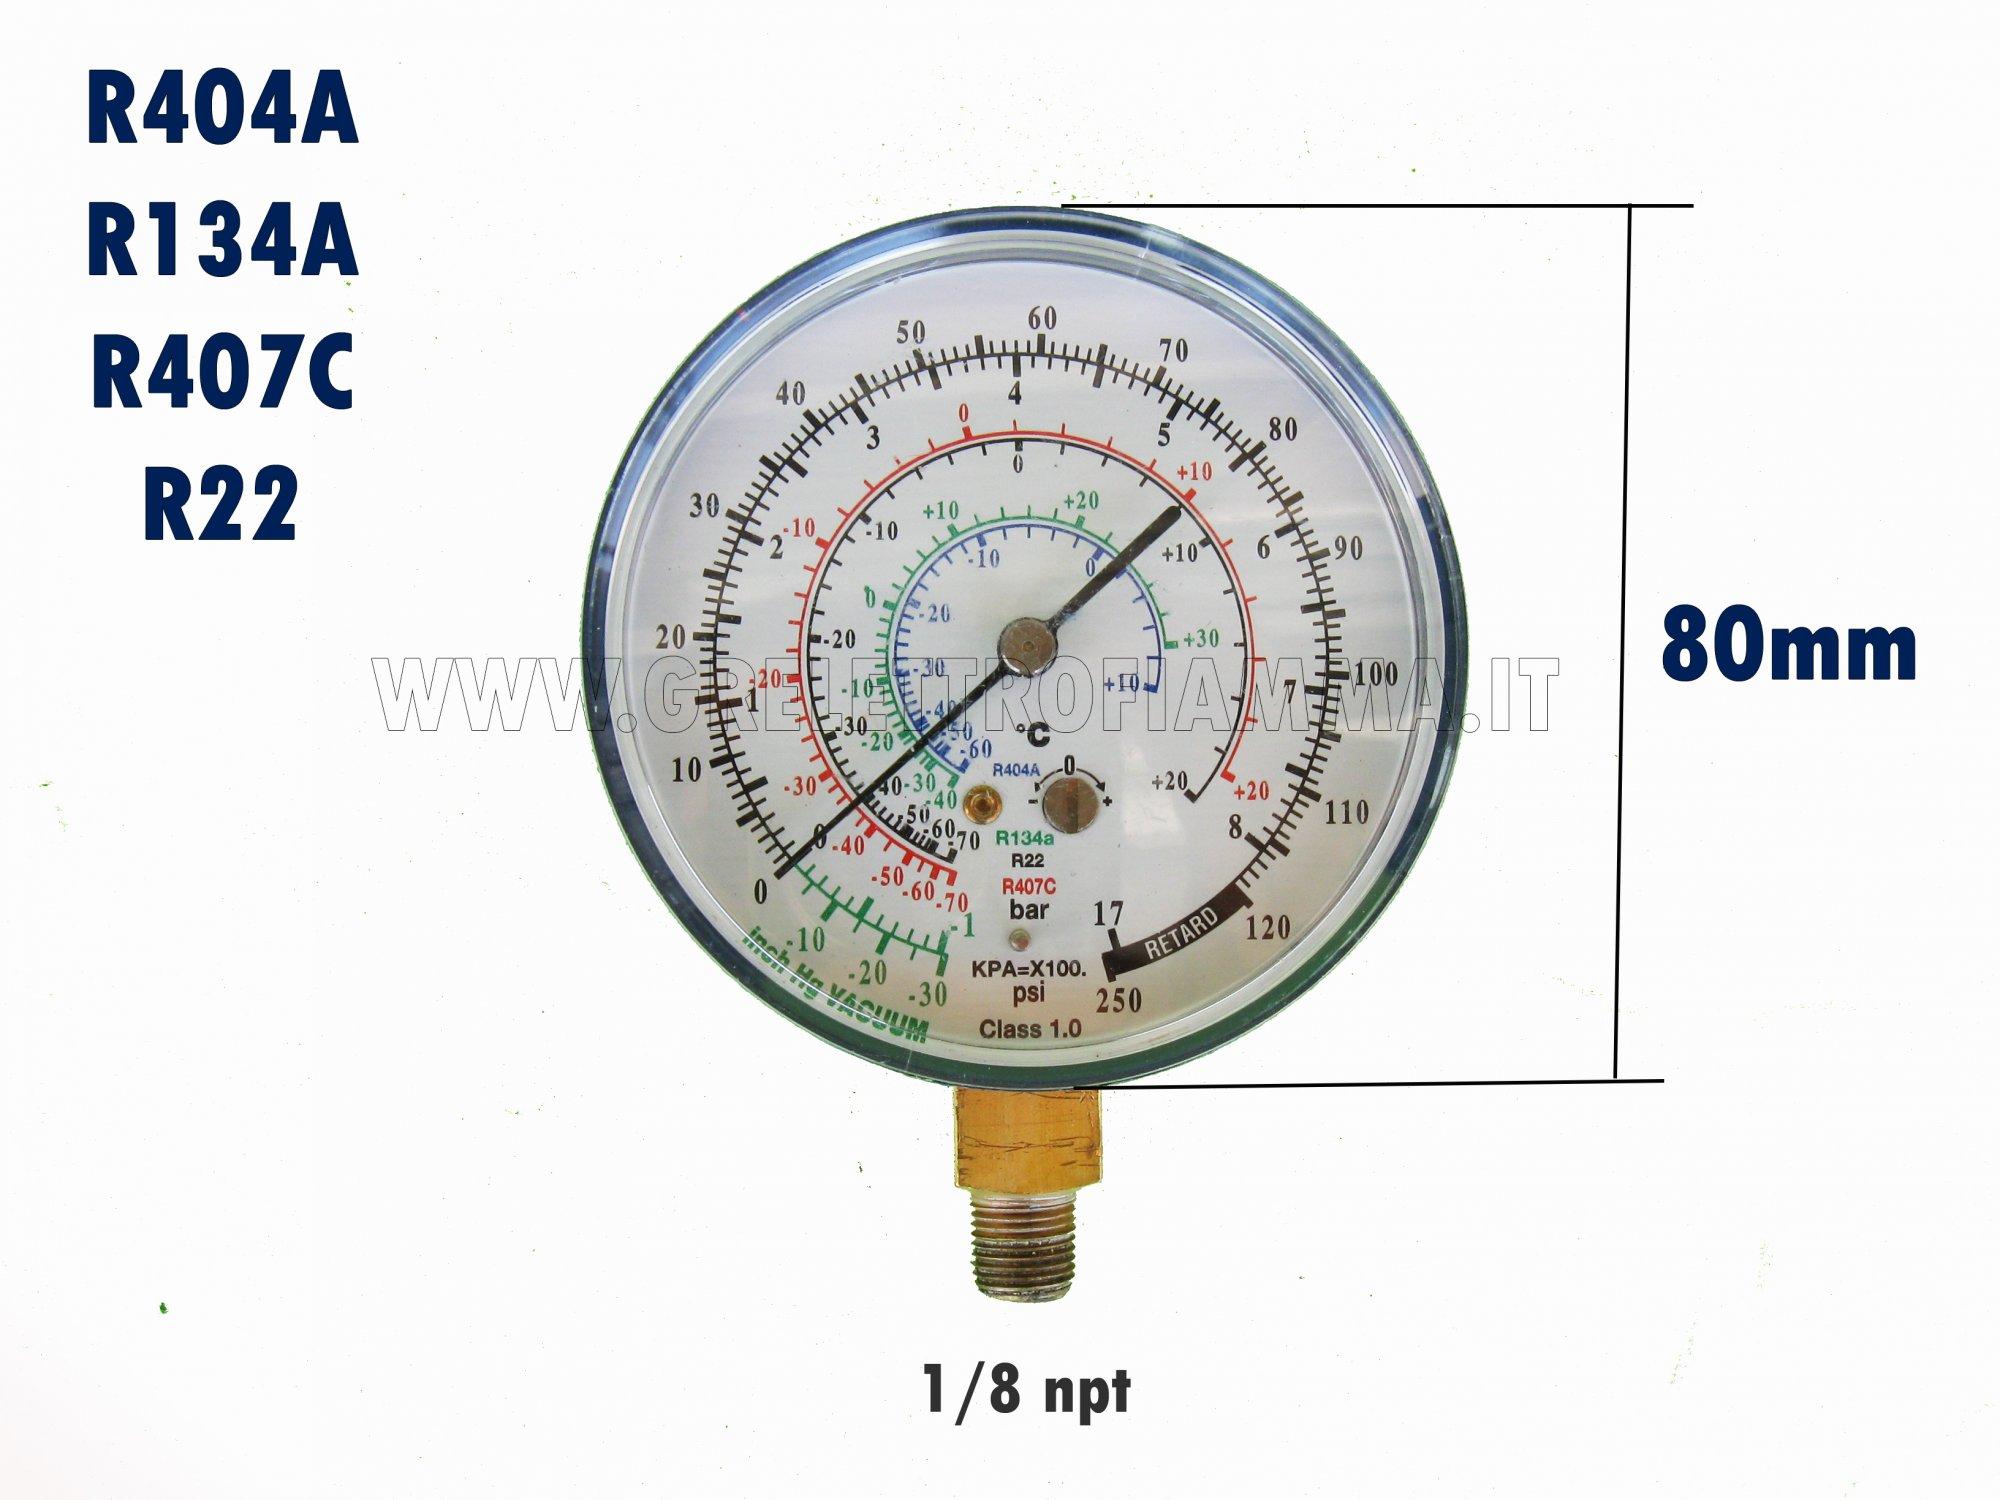 R410A ecc. Manometro-Aria Condizionata Refrigerazione Test della pressione dellazoto Tabella del test della pressione del manometro per R134a R407C R22